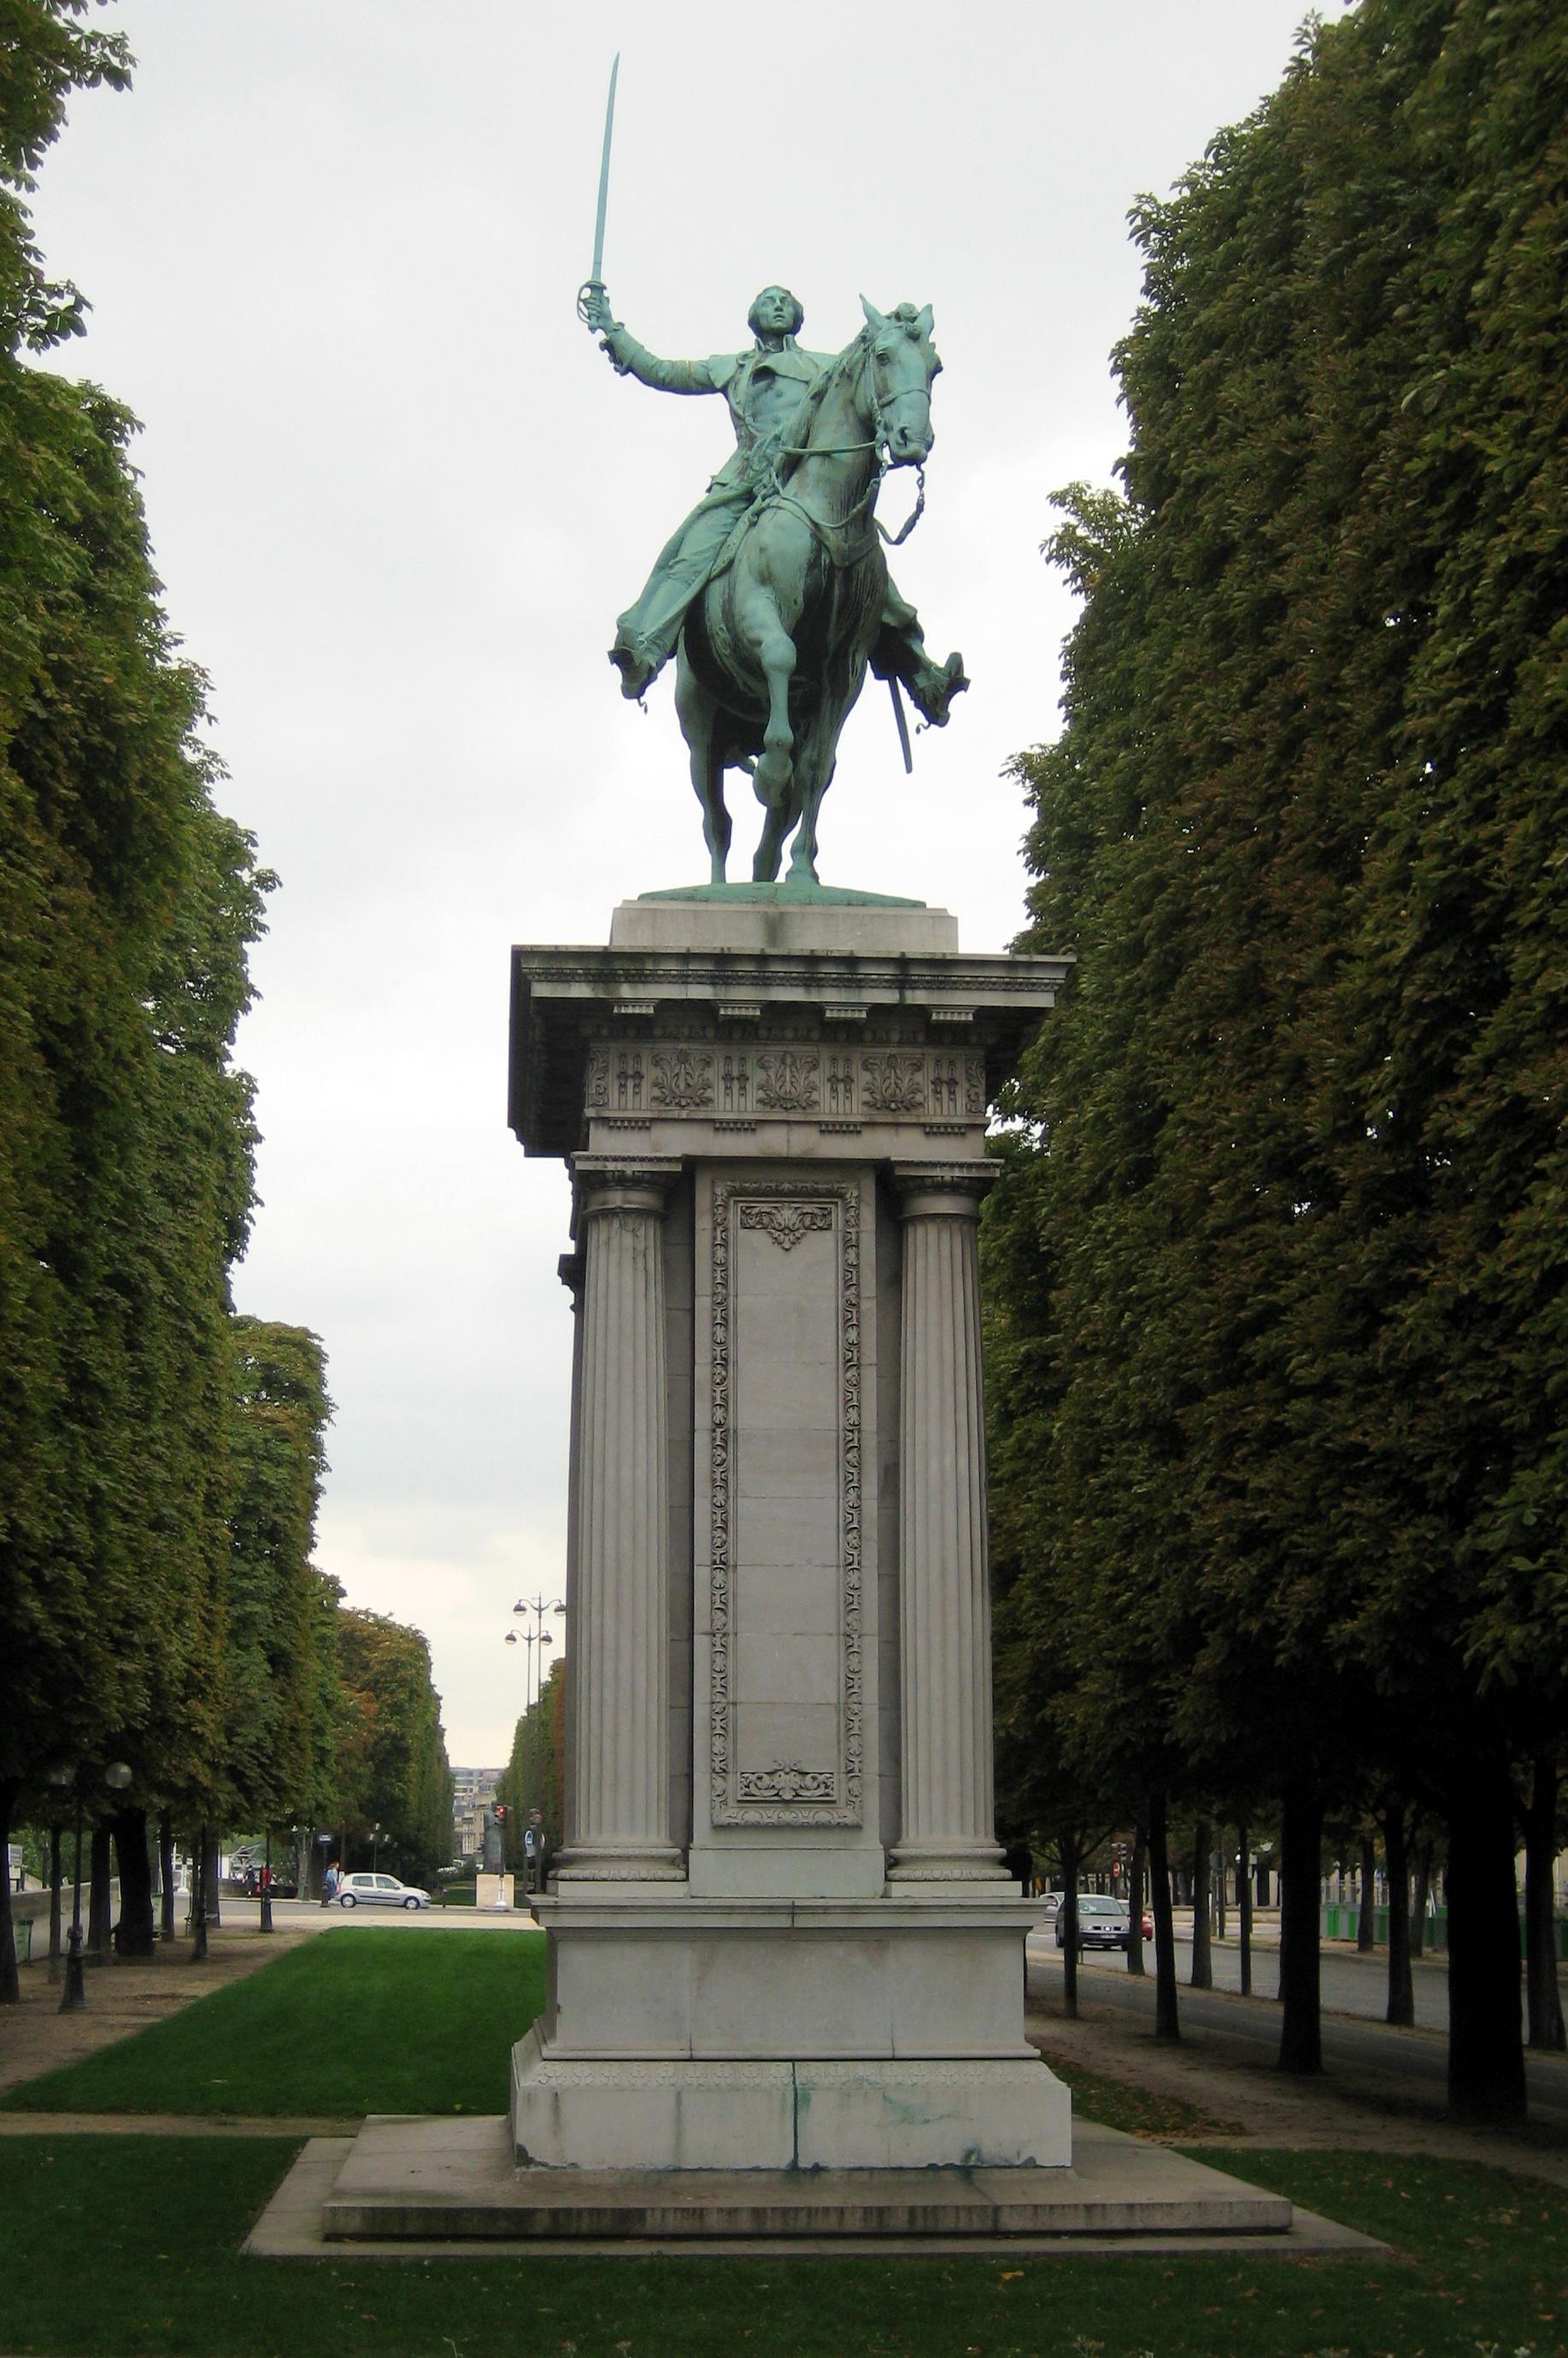 Lafayette statue, Paris